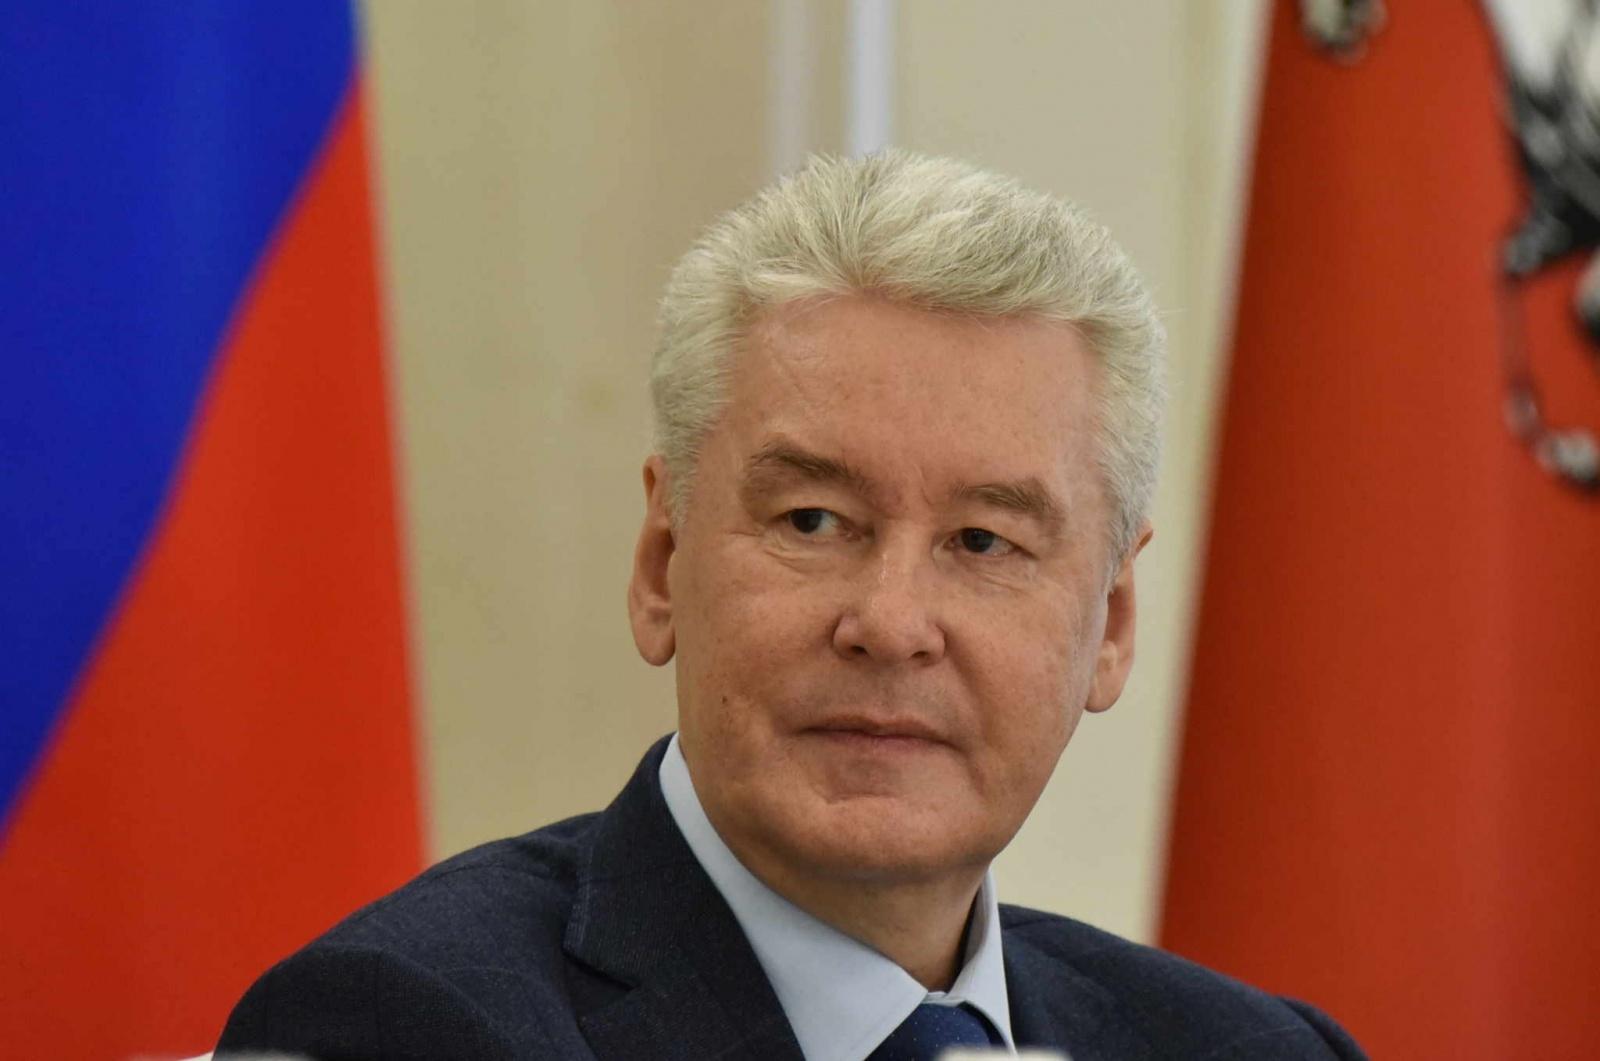 Рейтинг фонда «Петербургская политика» за сентябрь 2018 года